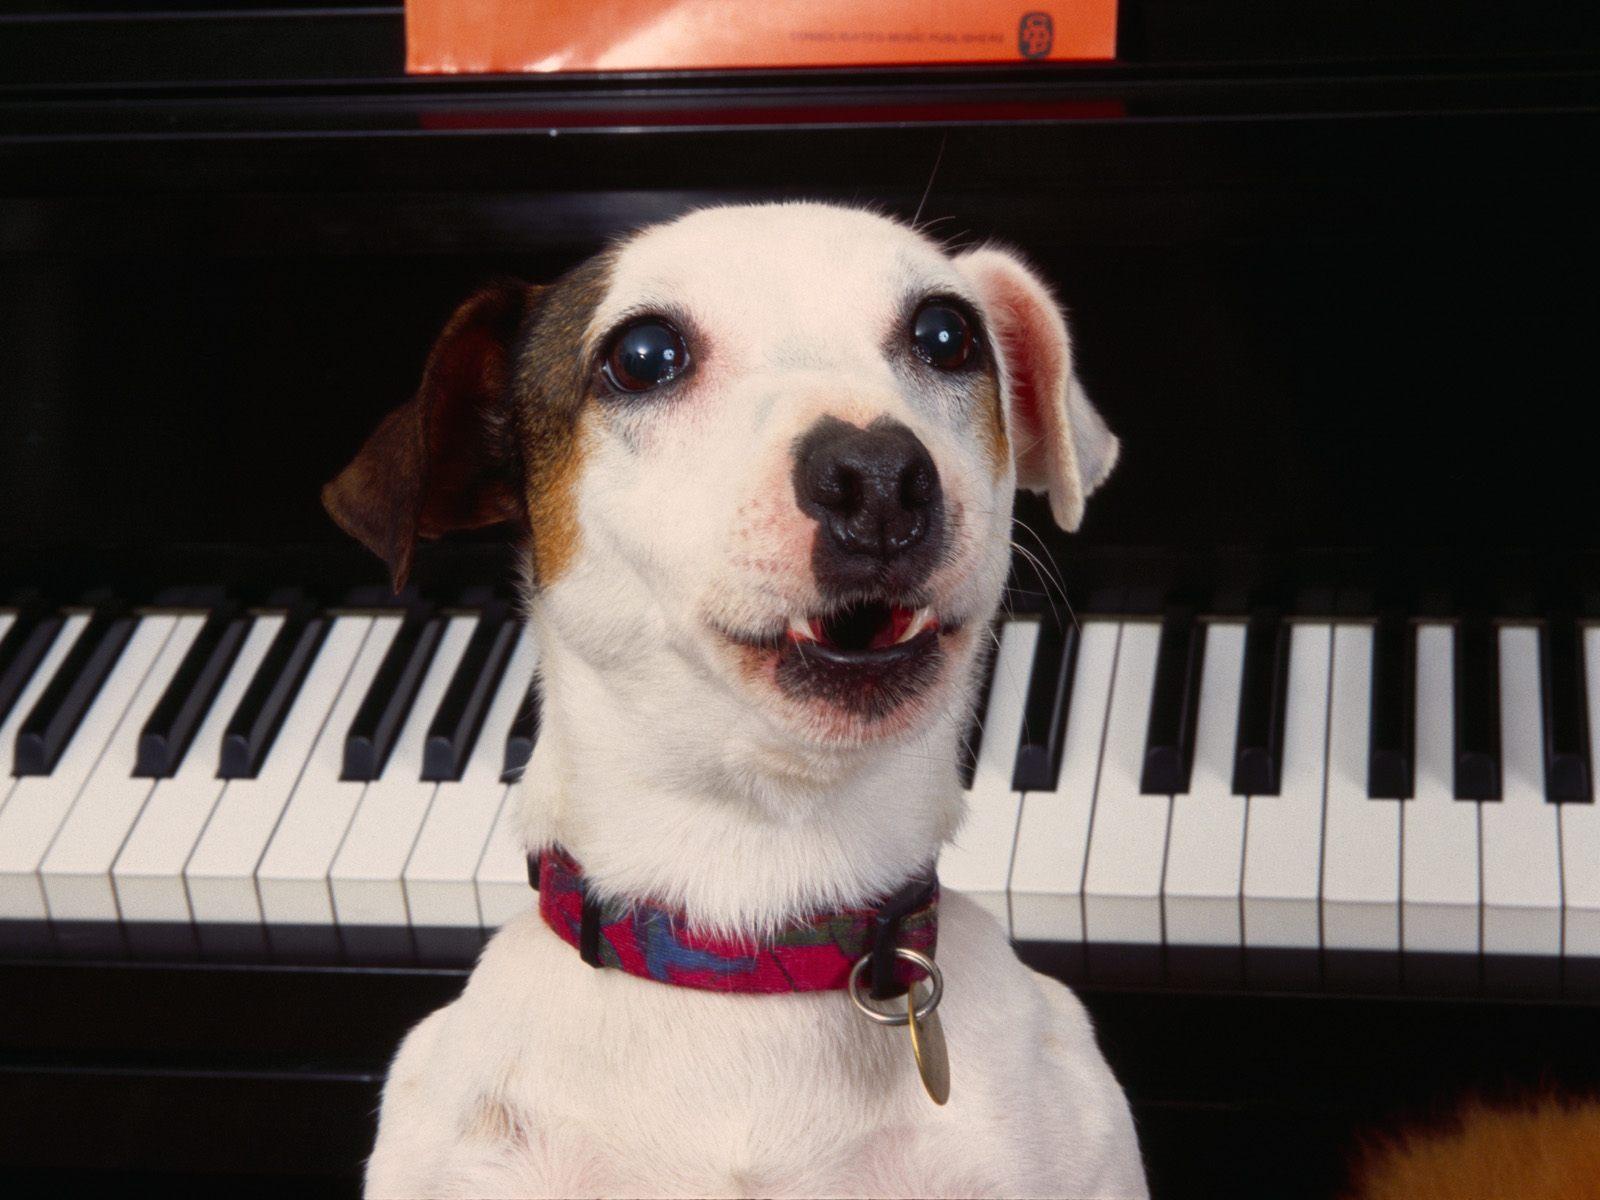 foto van een hond met een piano op de achtergrond